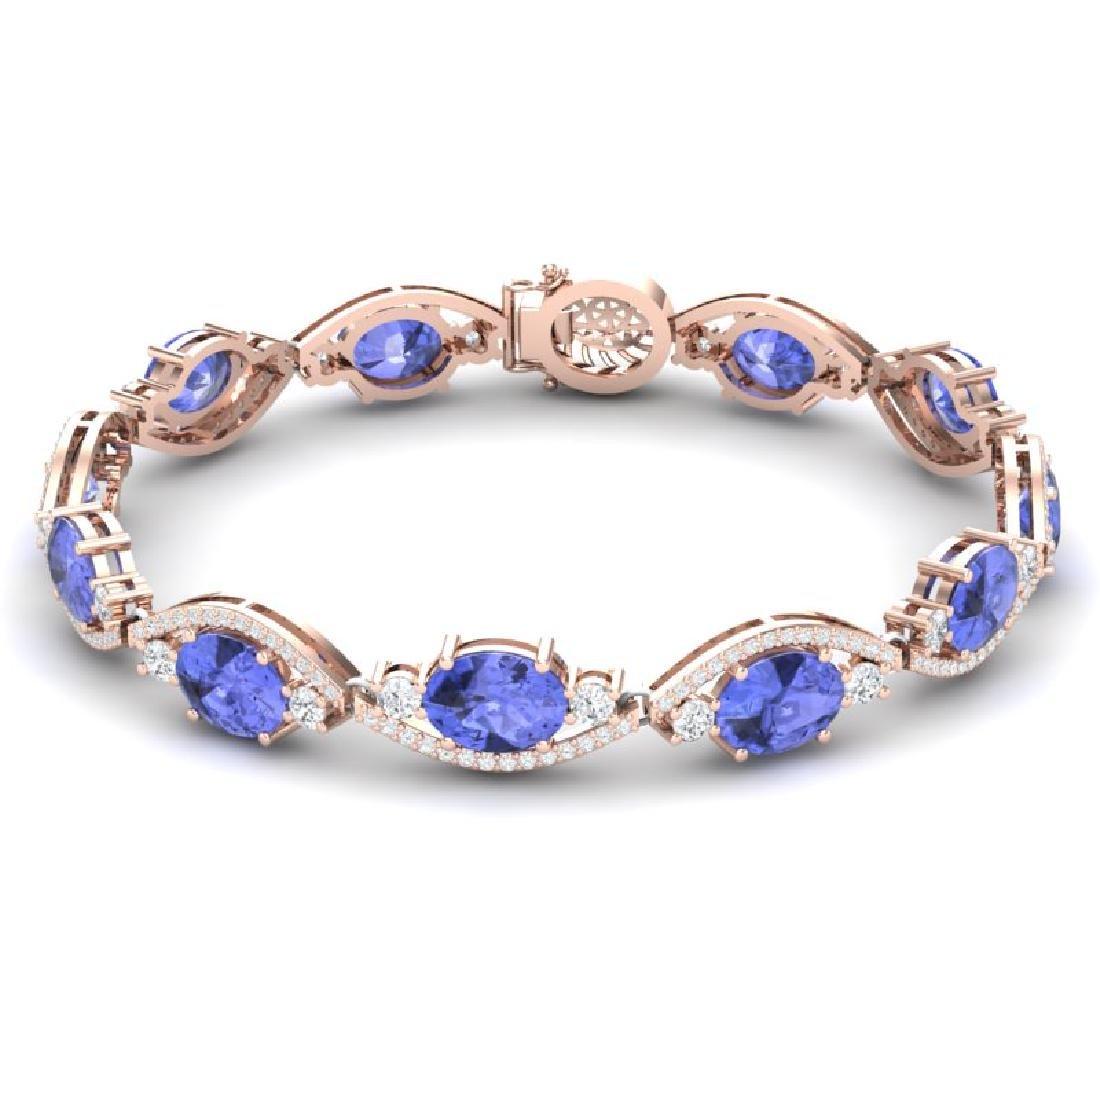 20.5 CTW Royalty Tanzanite & VS Diamond Bracelet 18K - 2